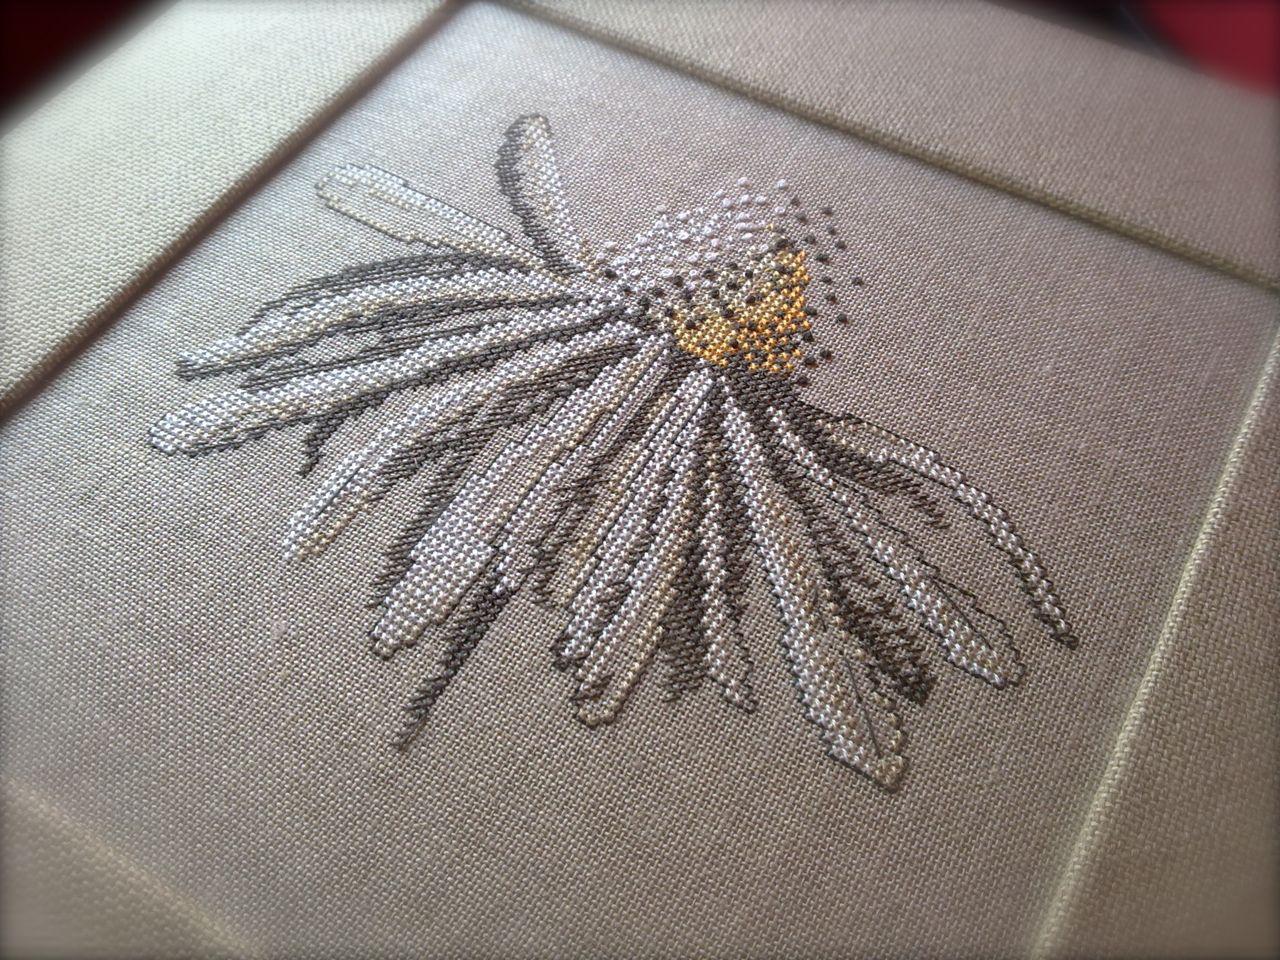 daisy02.jpg